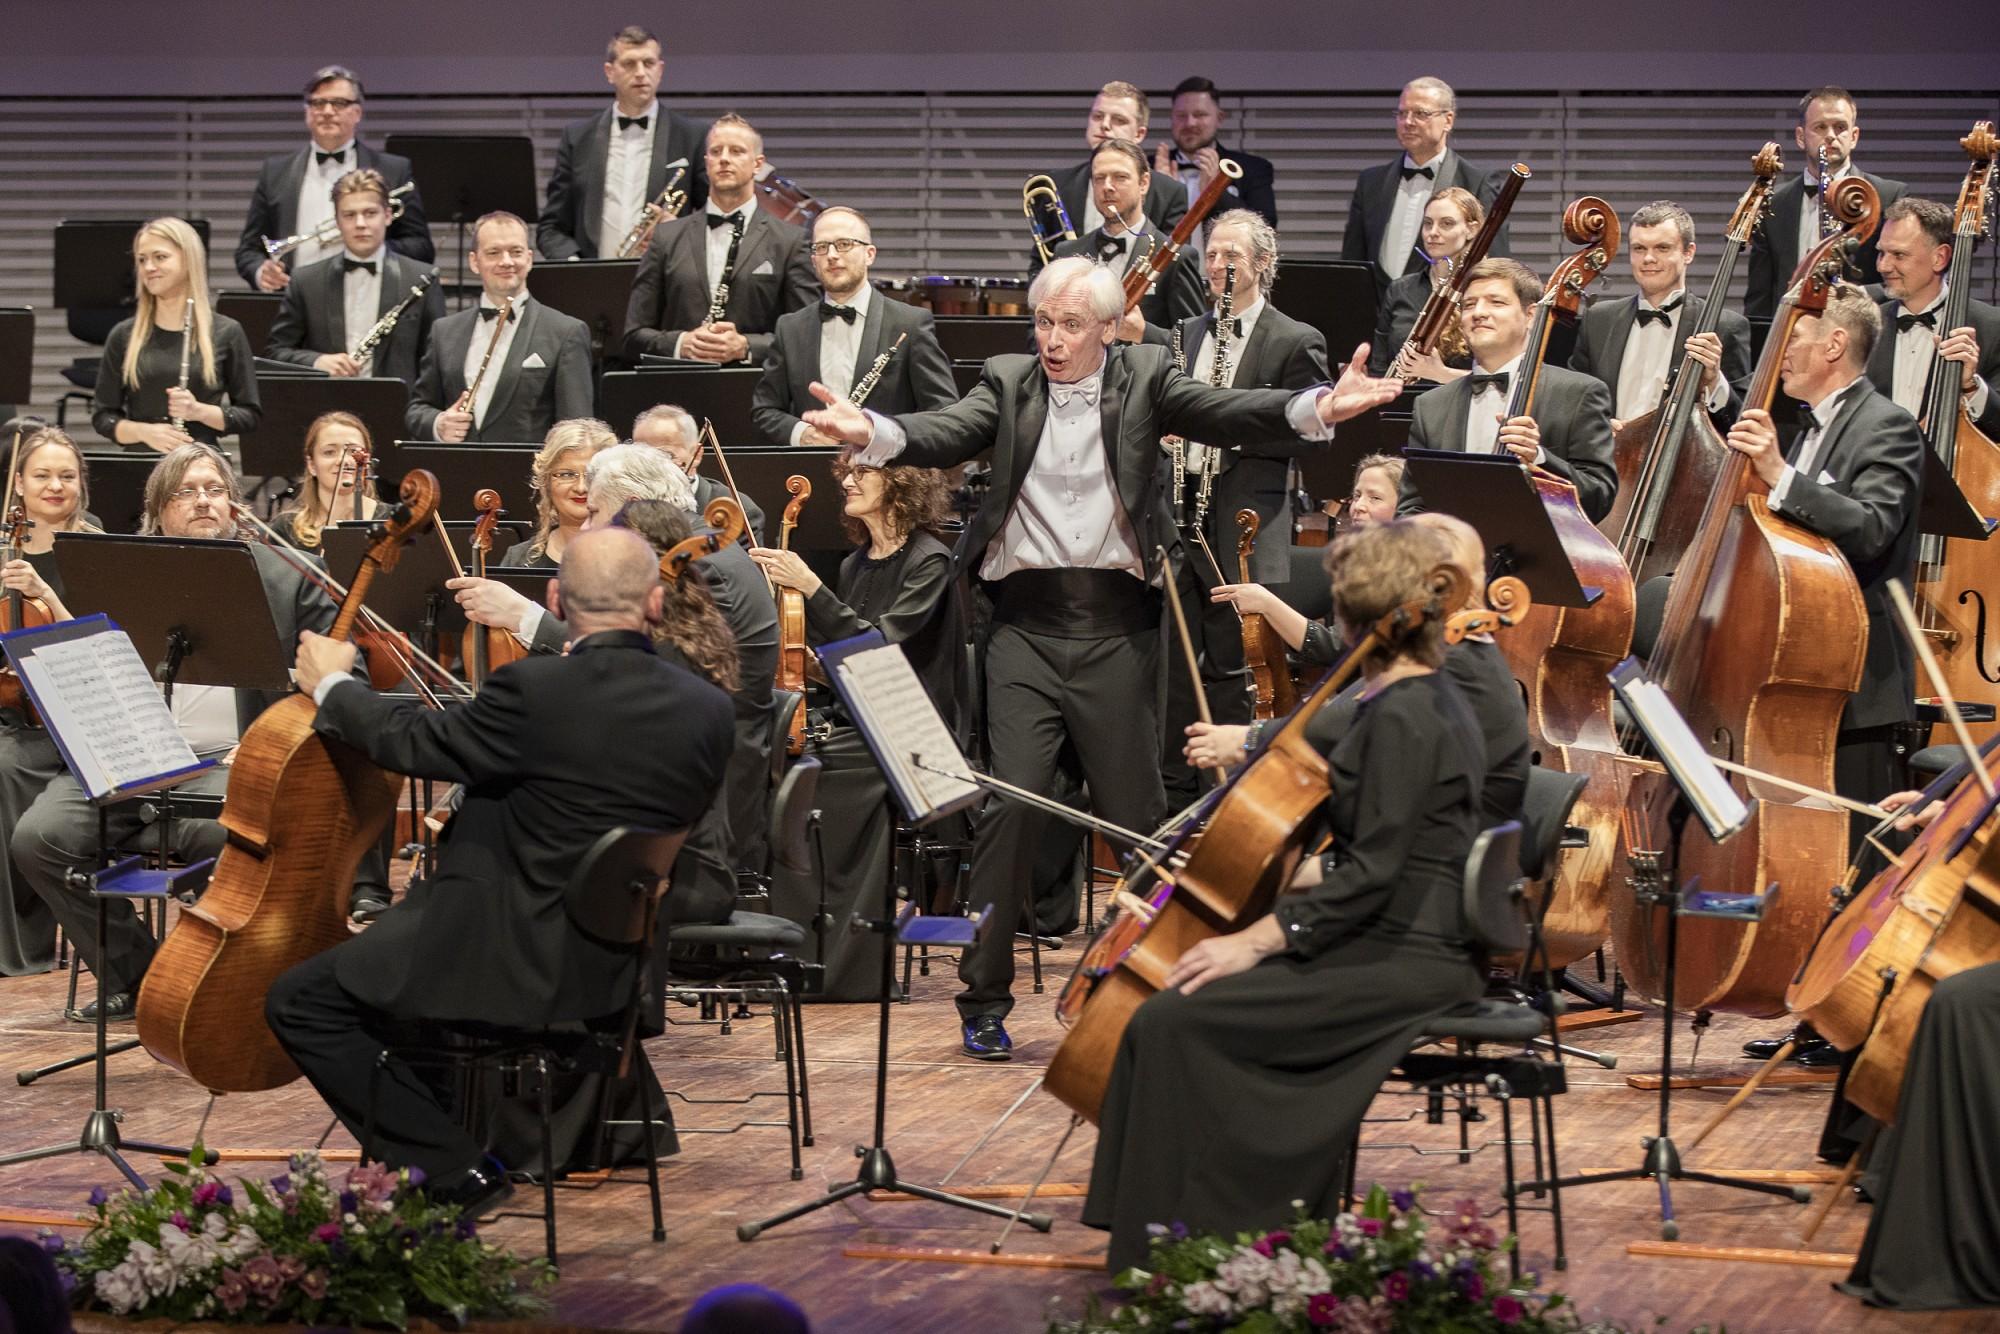 """Liepājas Simfoniskais orķestris izdod latviešu sieviešu komponistu ierakstu """"Vēja mirdzums"""""""